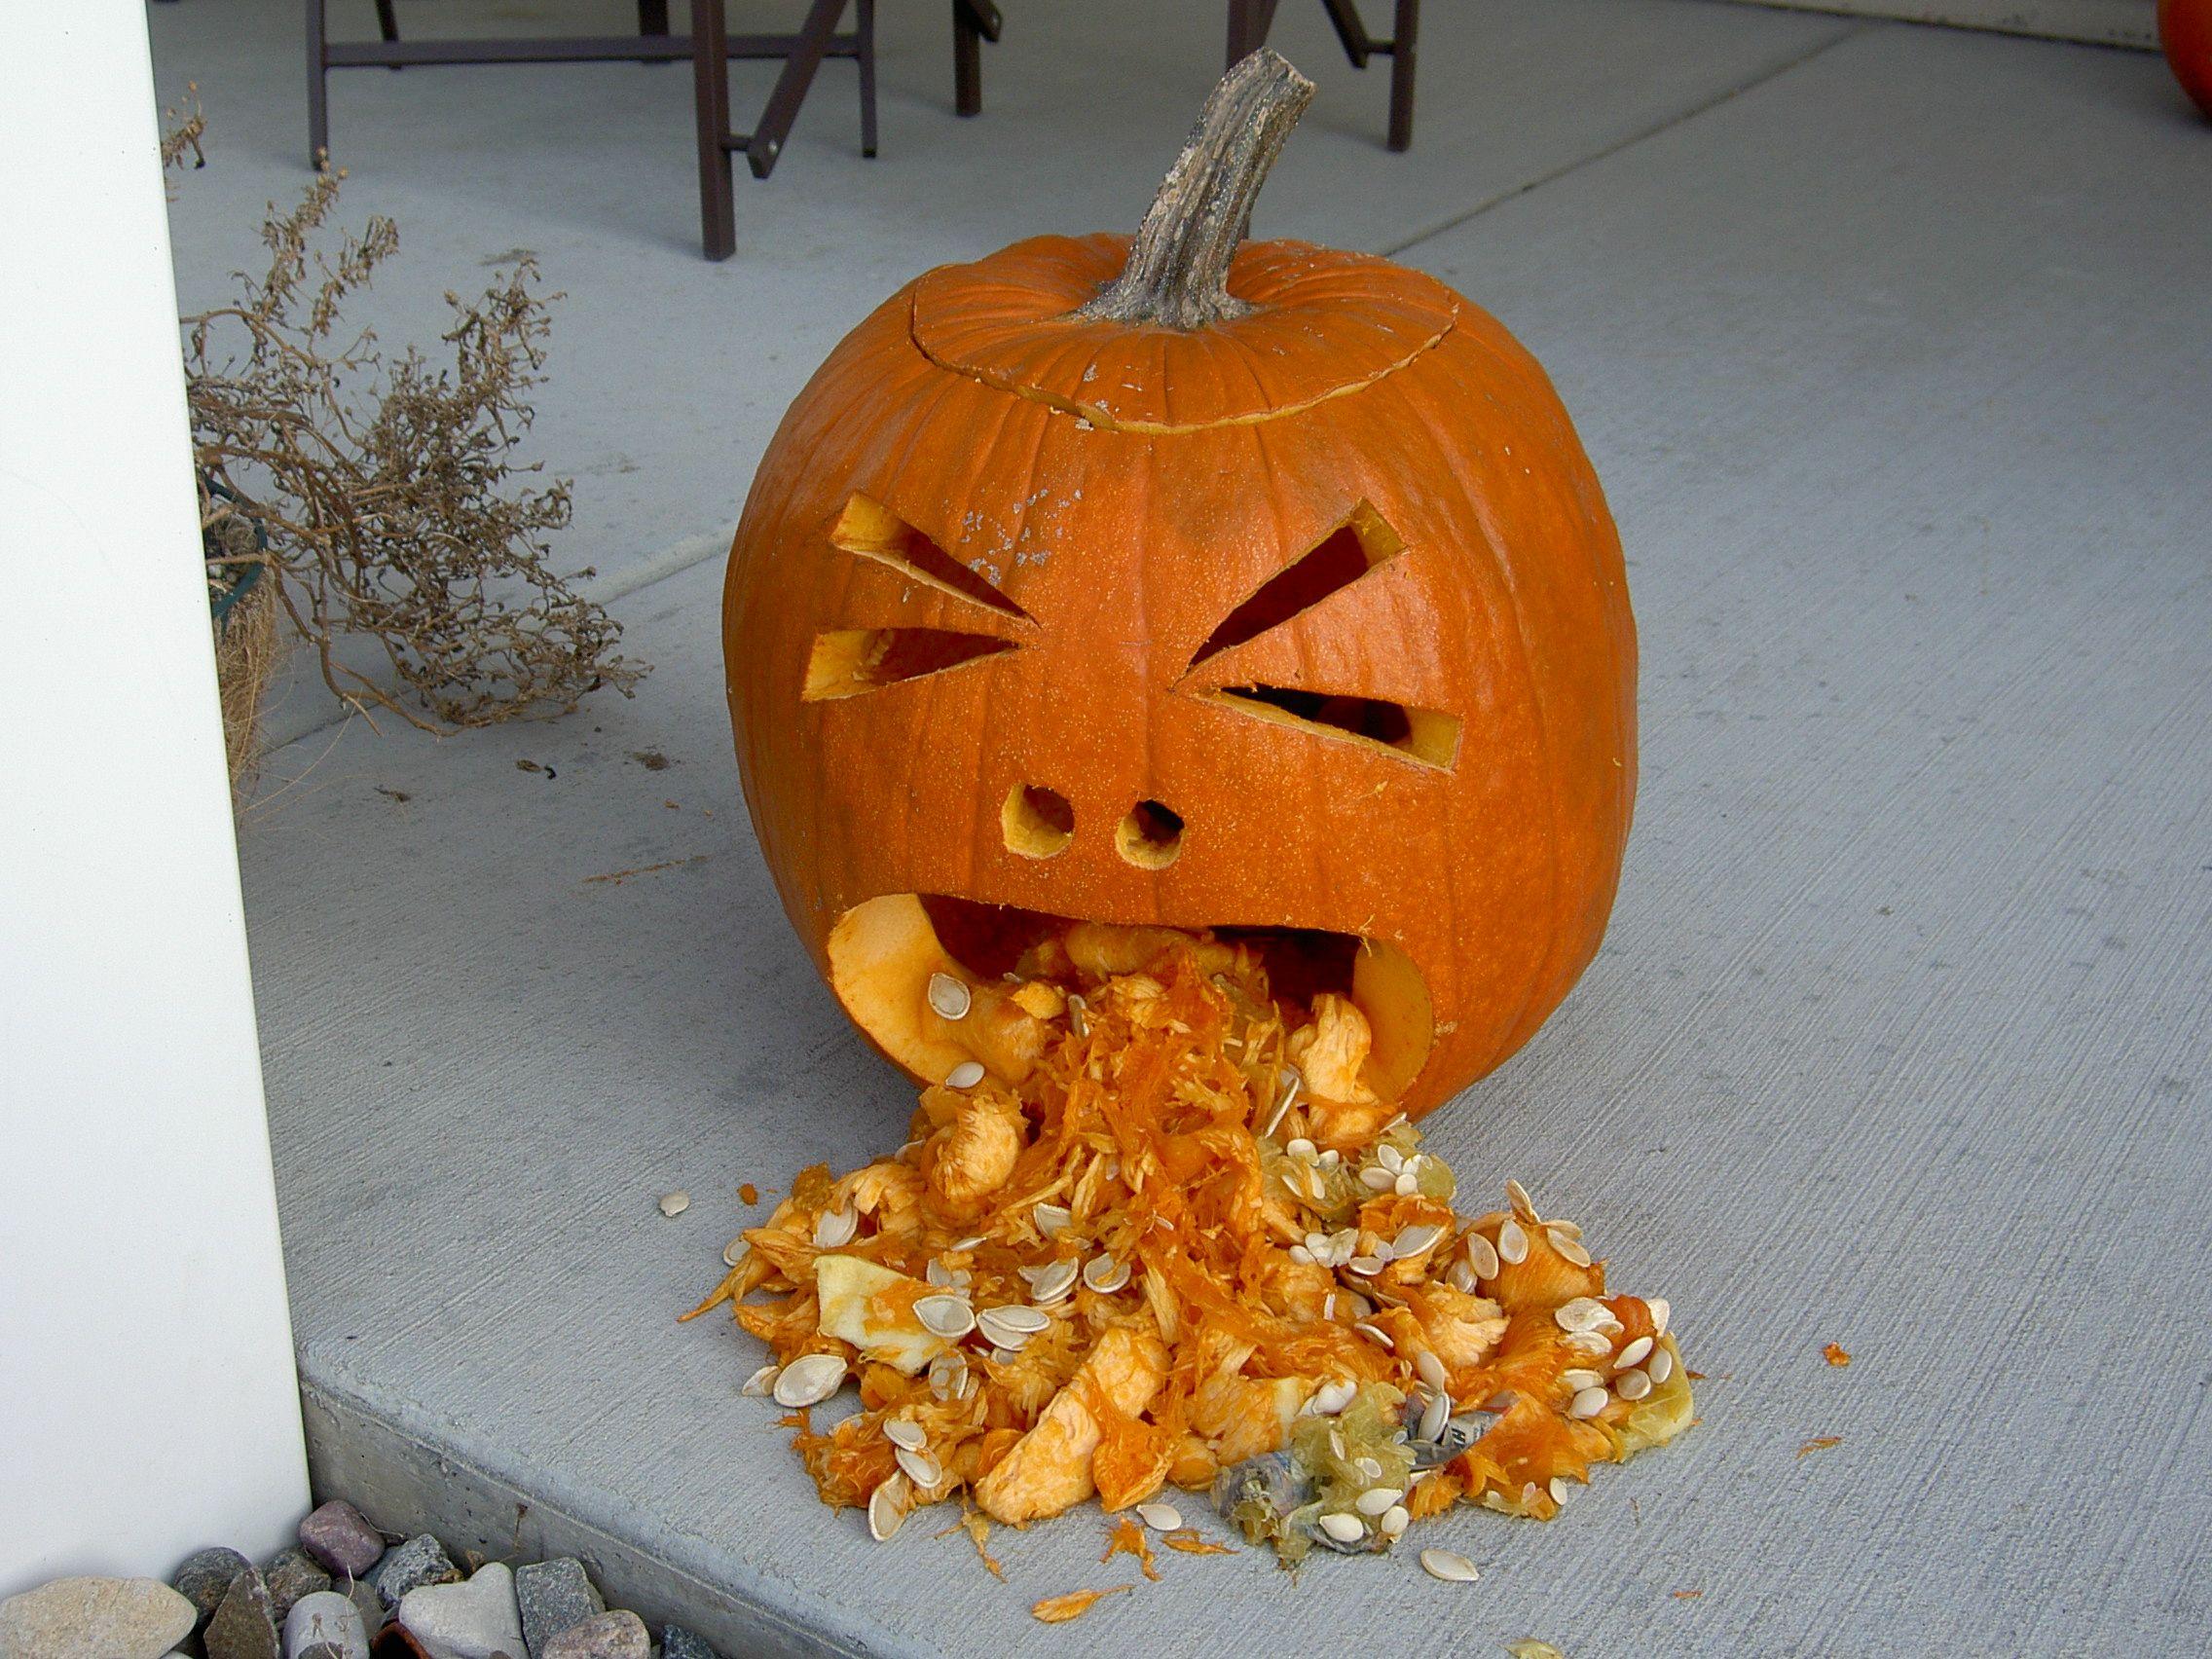 Explore Sick, Pumpkin Carvings, And More